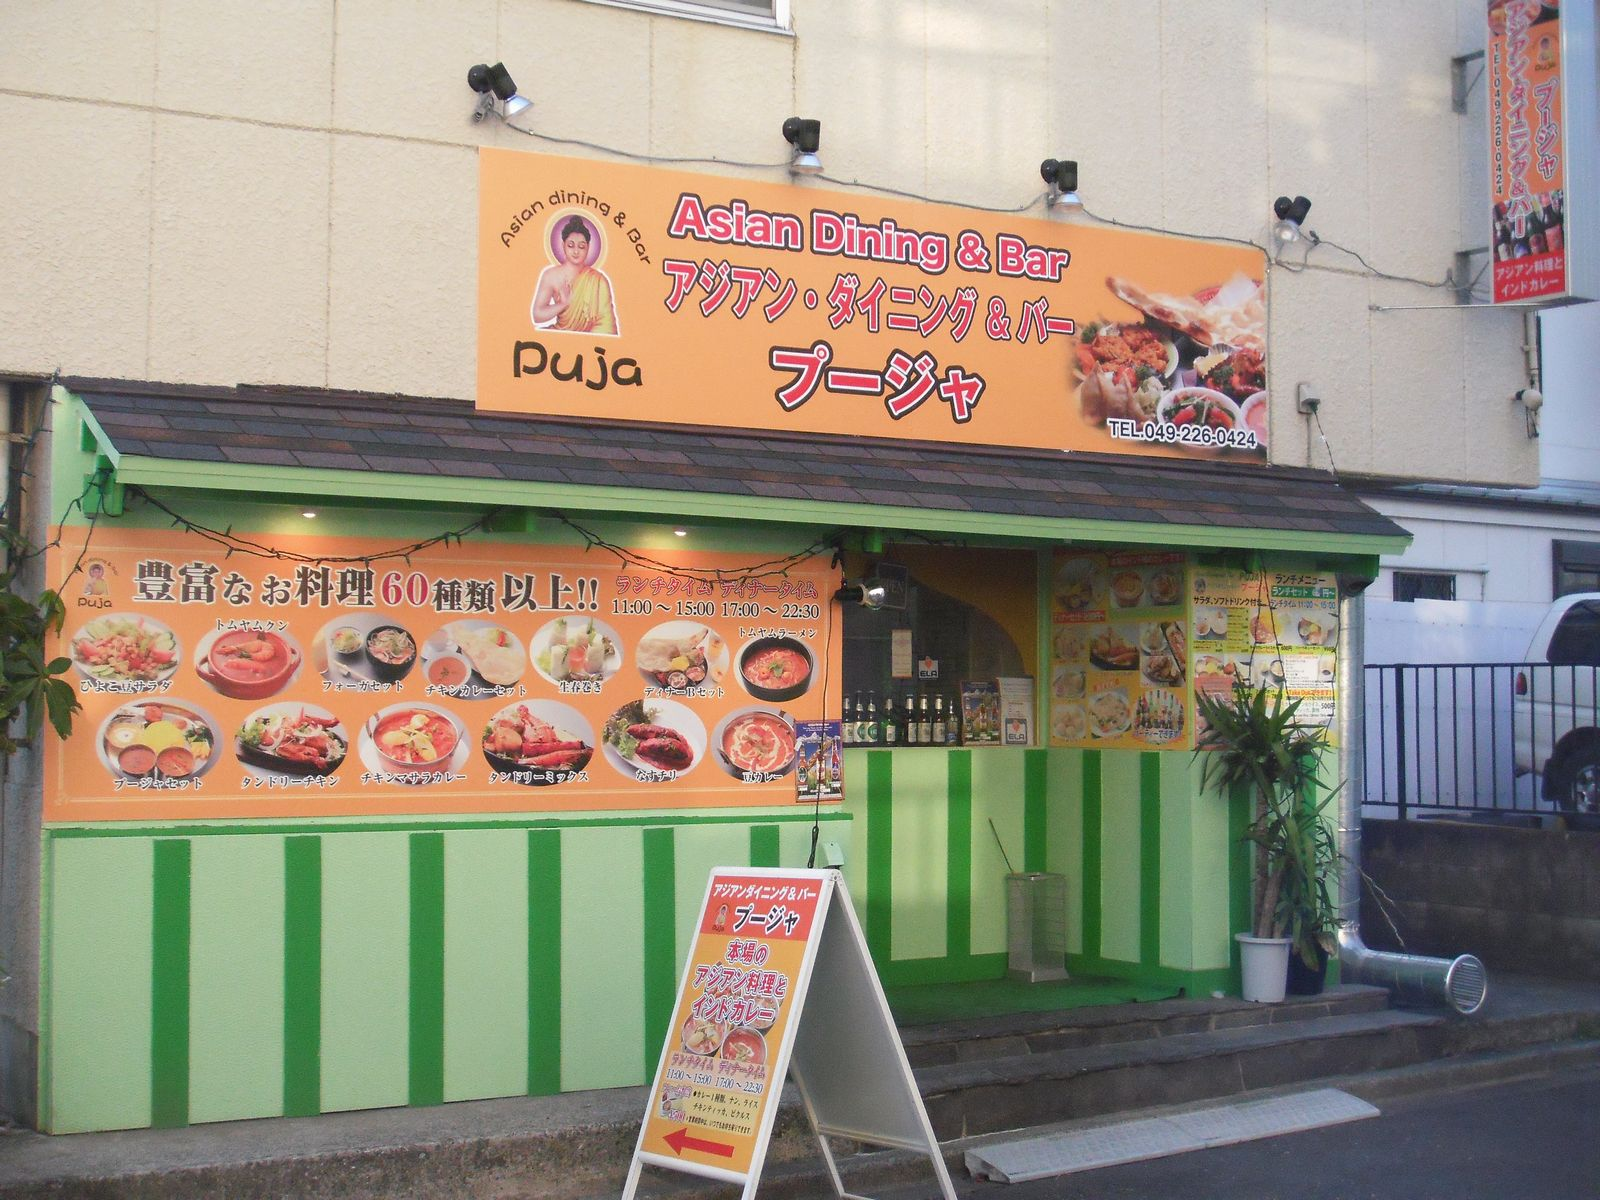 アジアンダイニング&バー プージャ 川越店